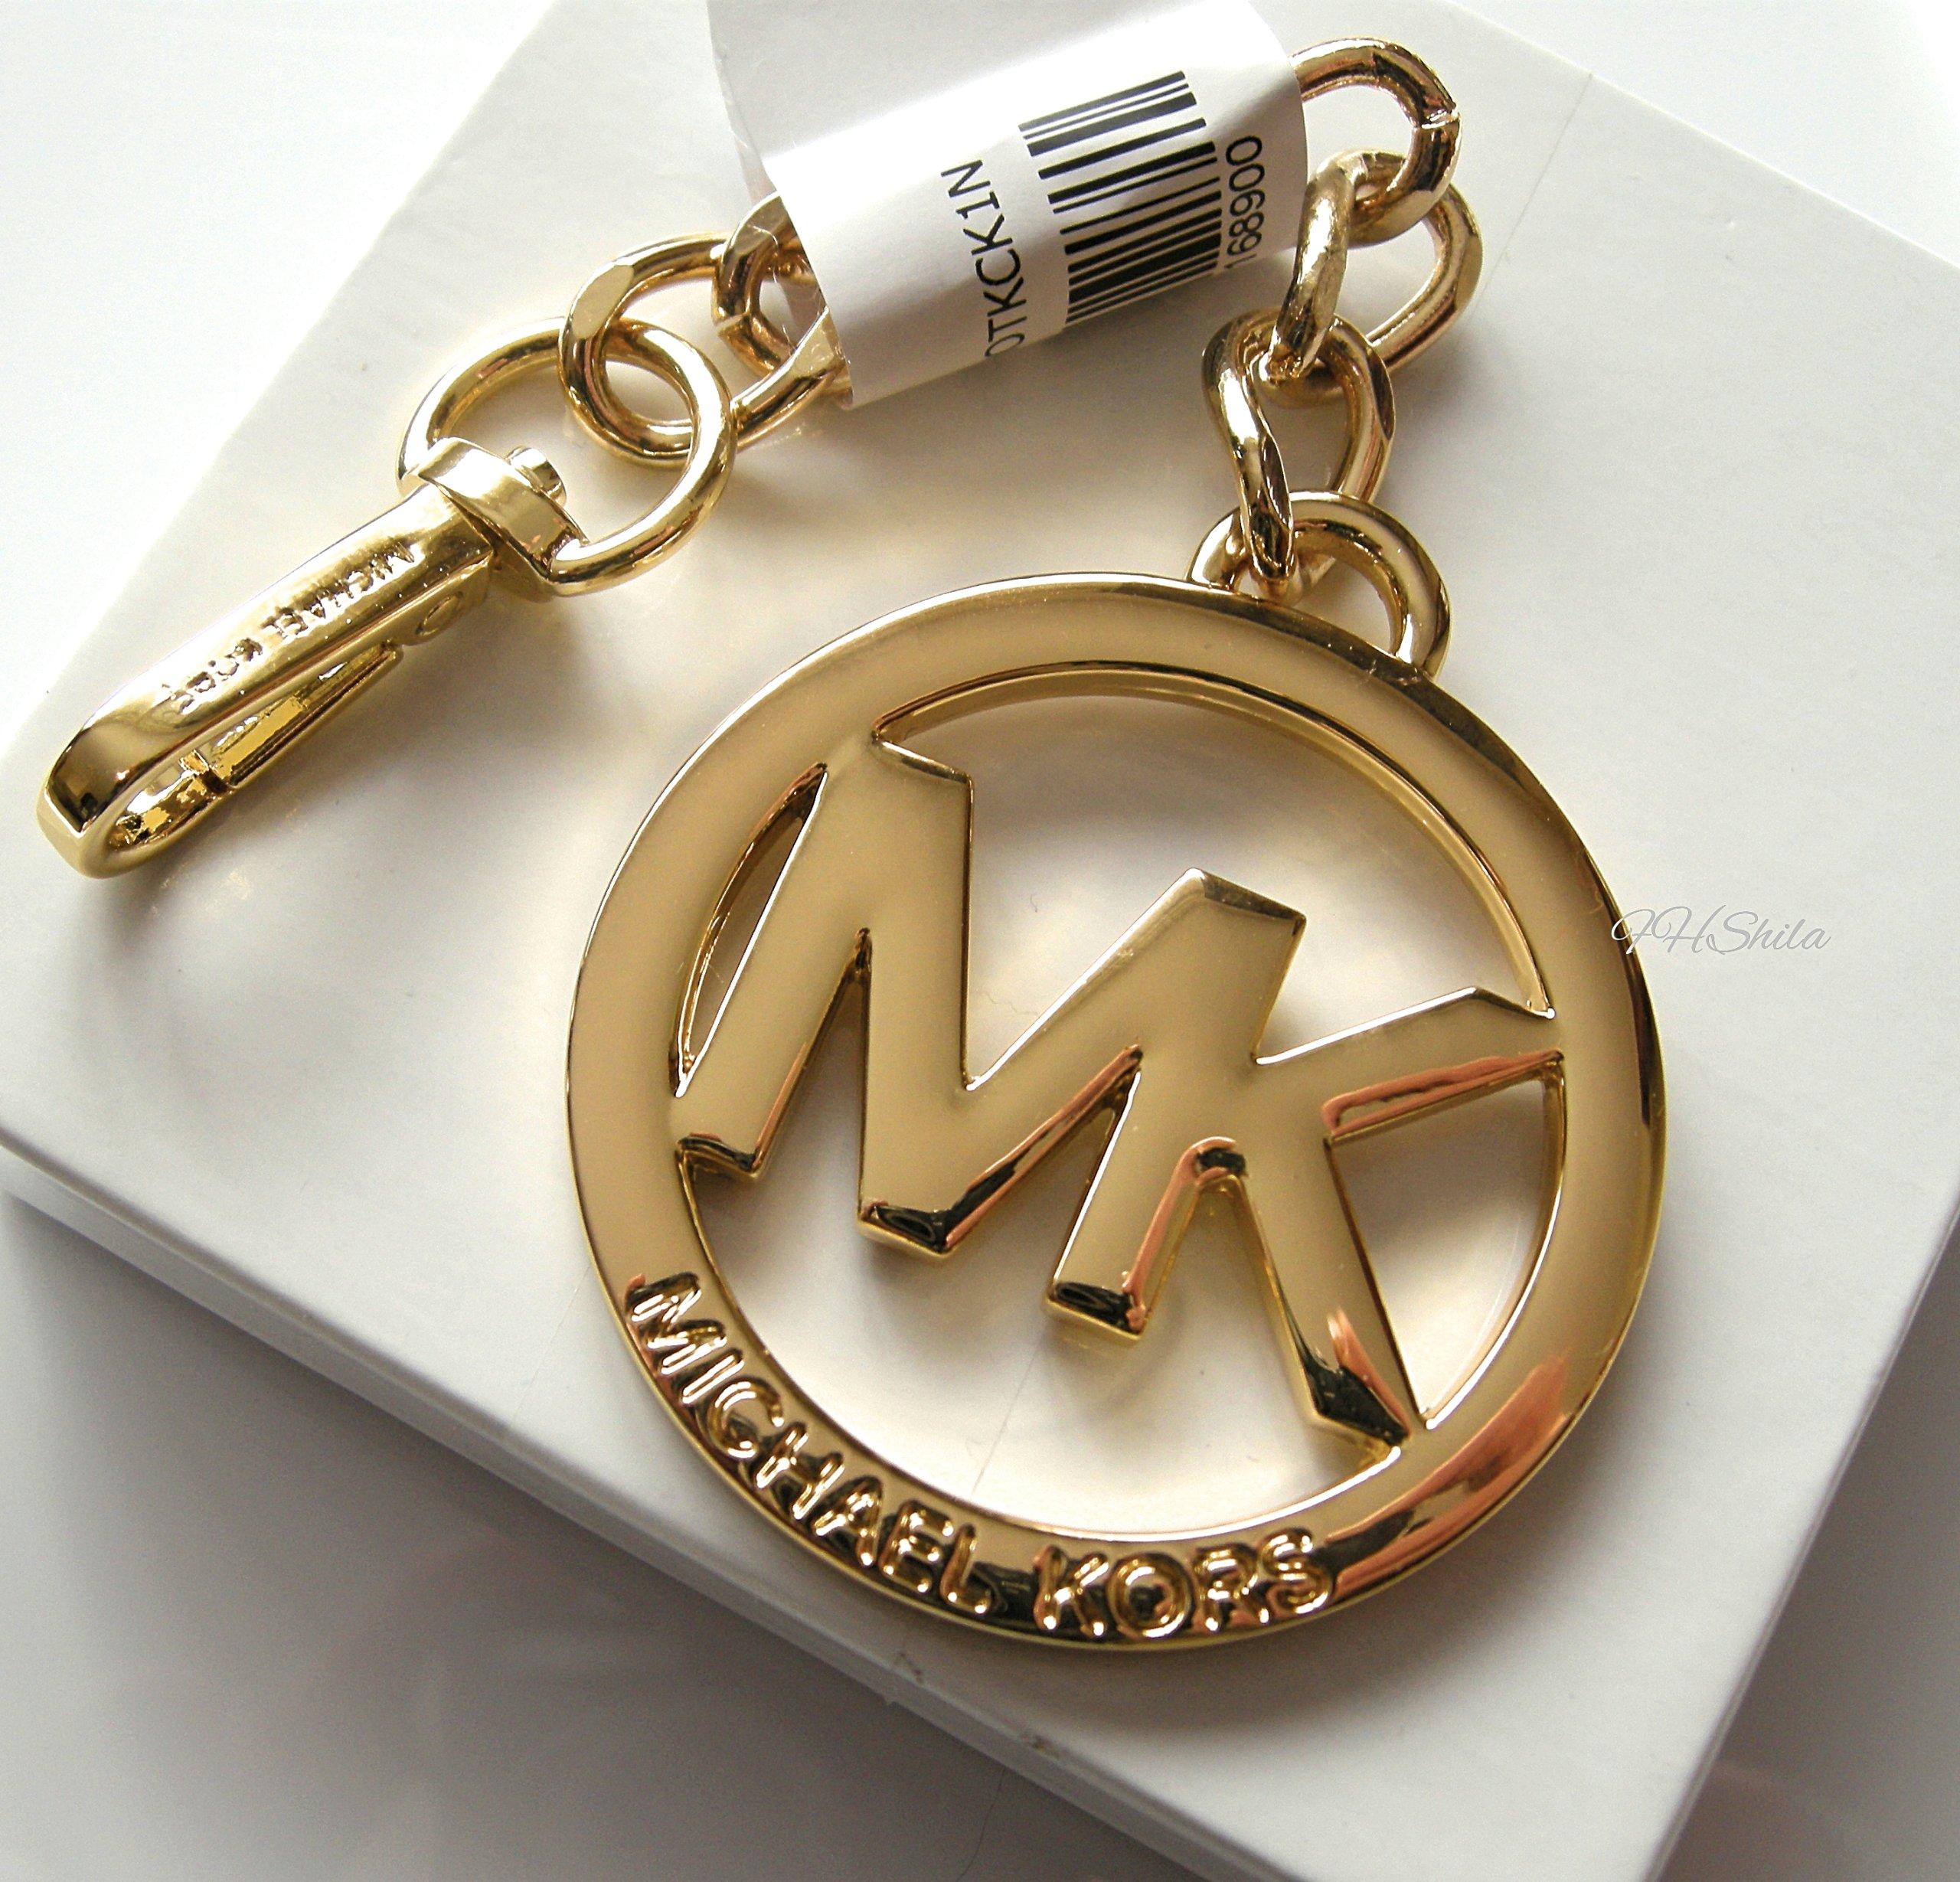 d7a8726b21e56 Michael Kors keychain pozłacany brelok - 7370455884 - oficjalne ...